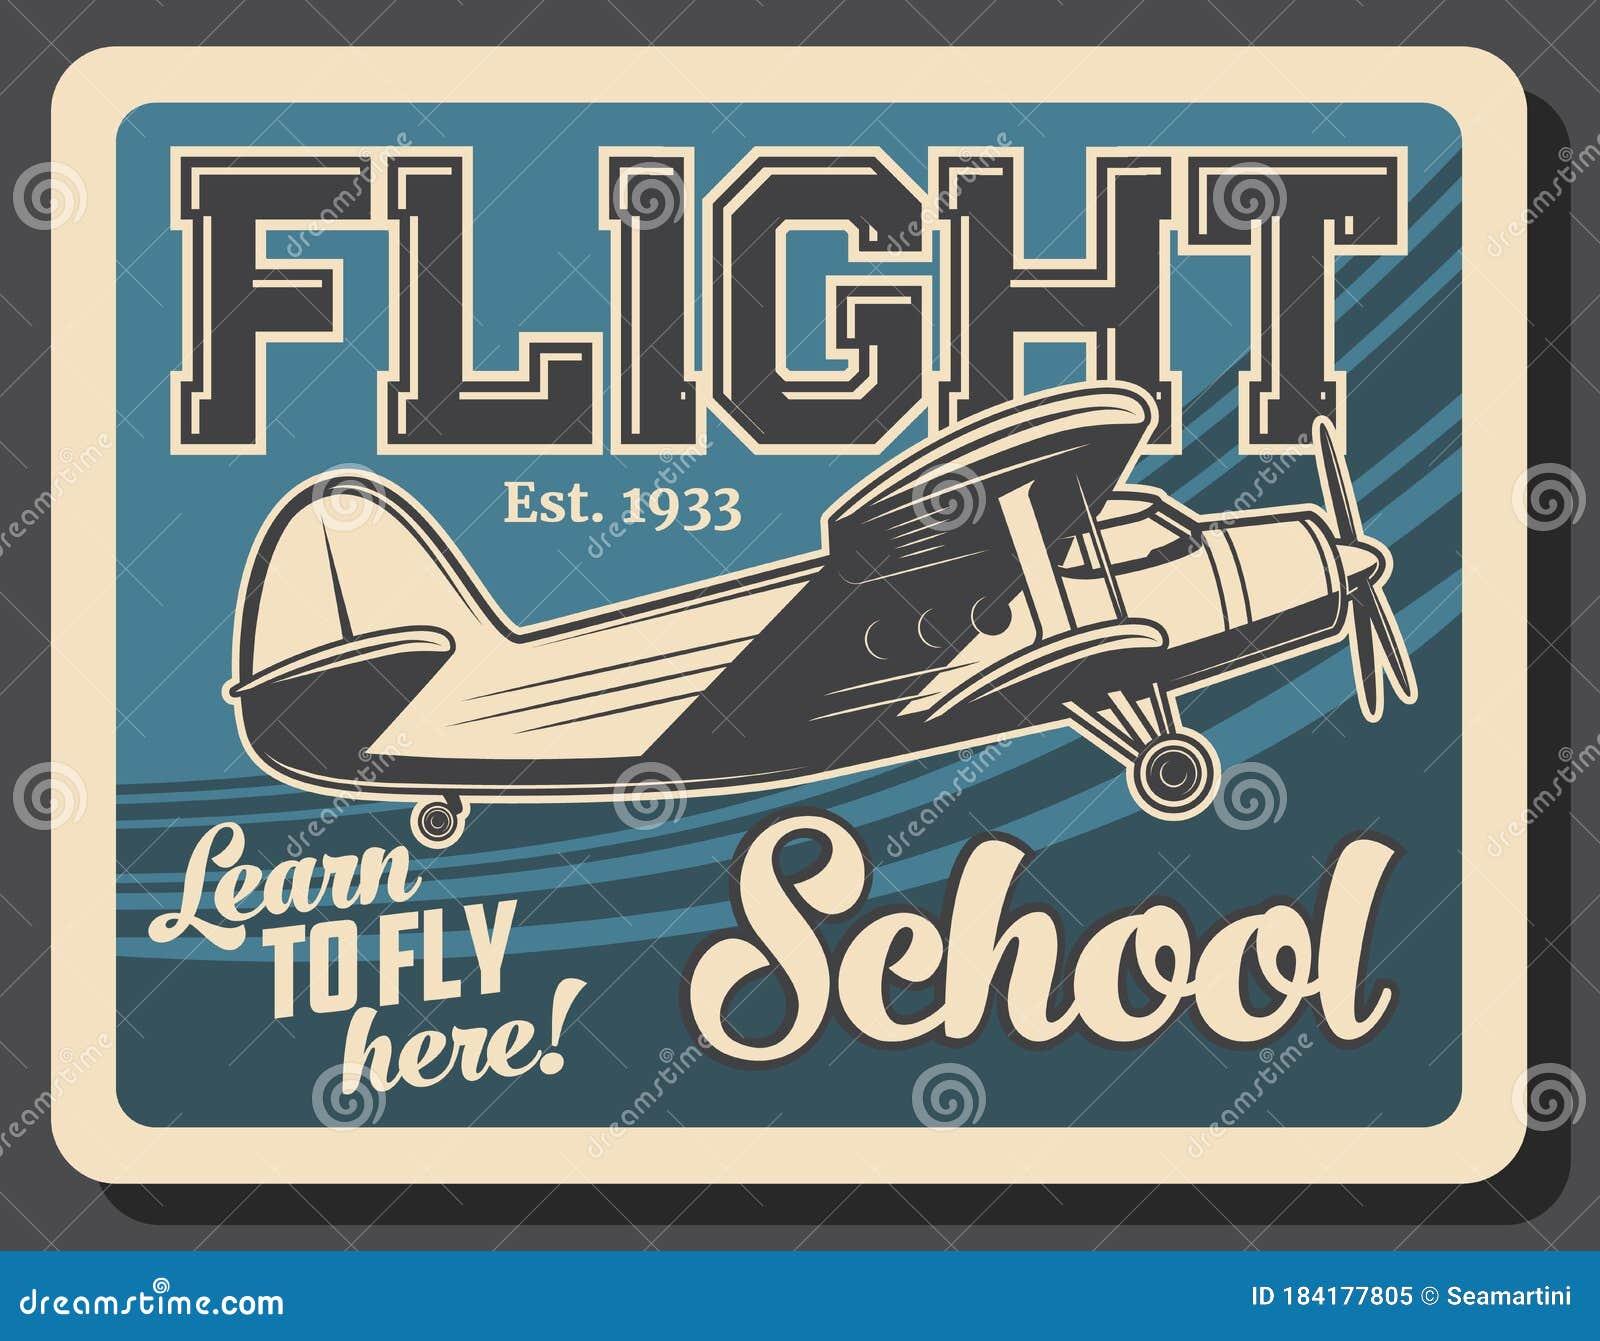 Flight School Retro Vector Poster Vintage Plane Stock Vector Illustration Of Aviation Design 184177805